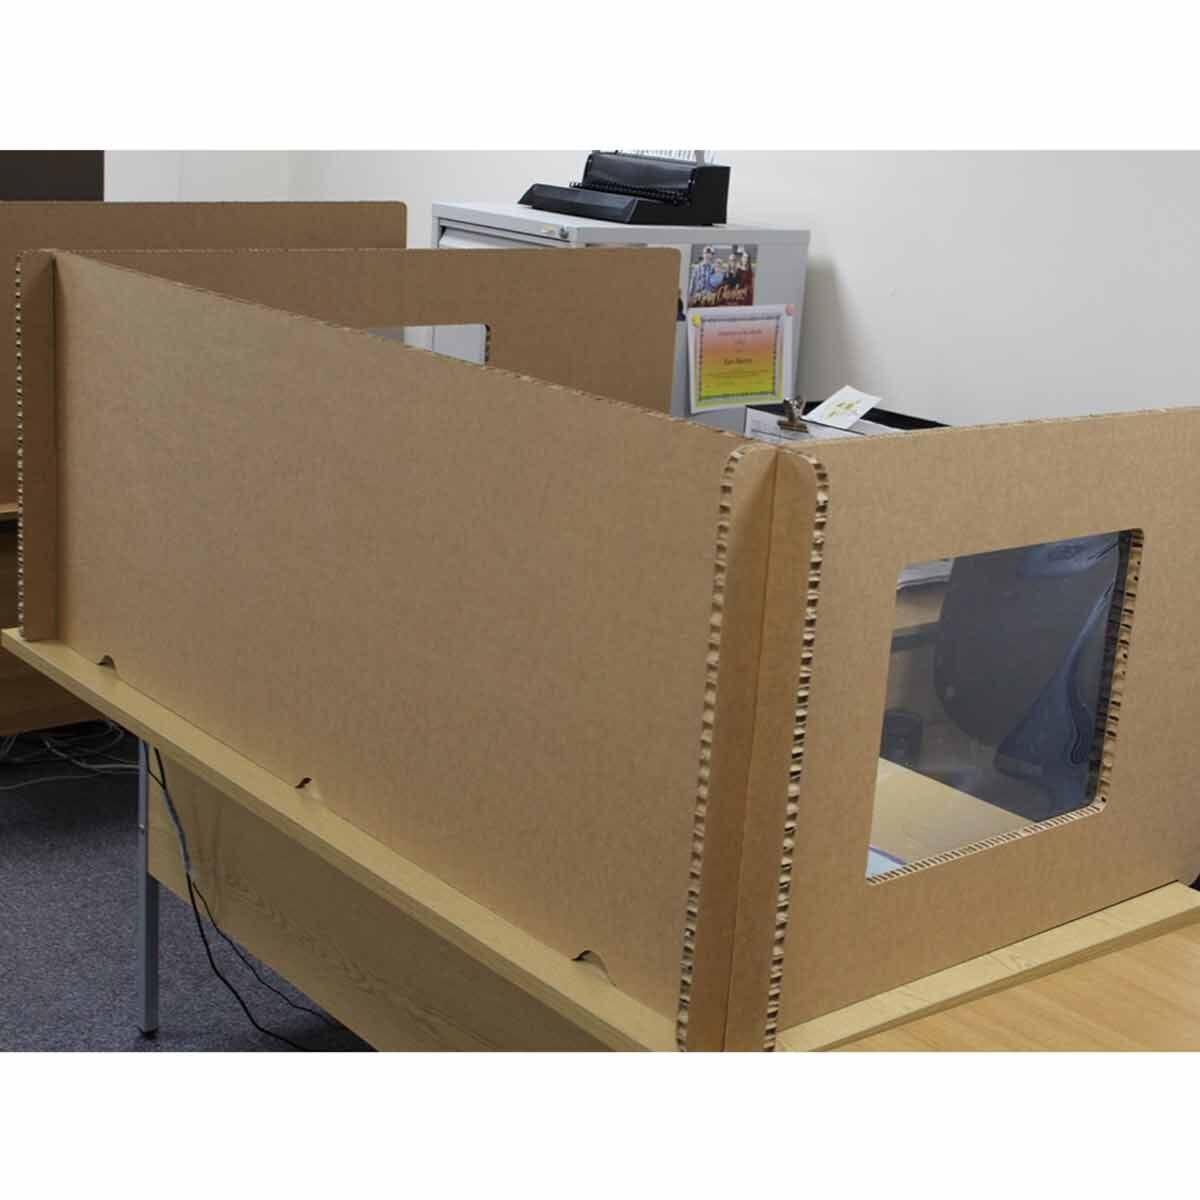 Pallite Desk Screen Set for 1400mm x 800mm Desk